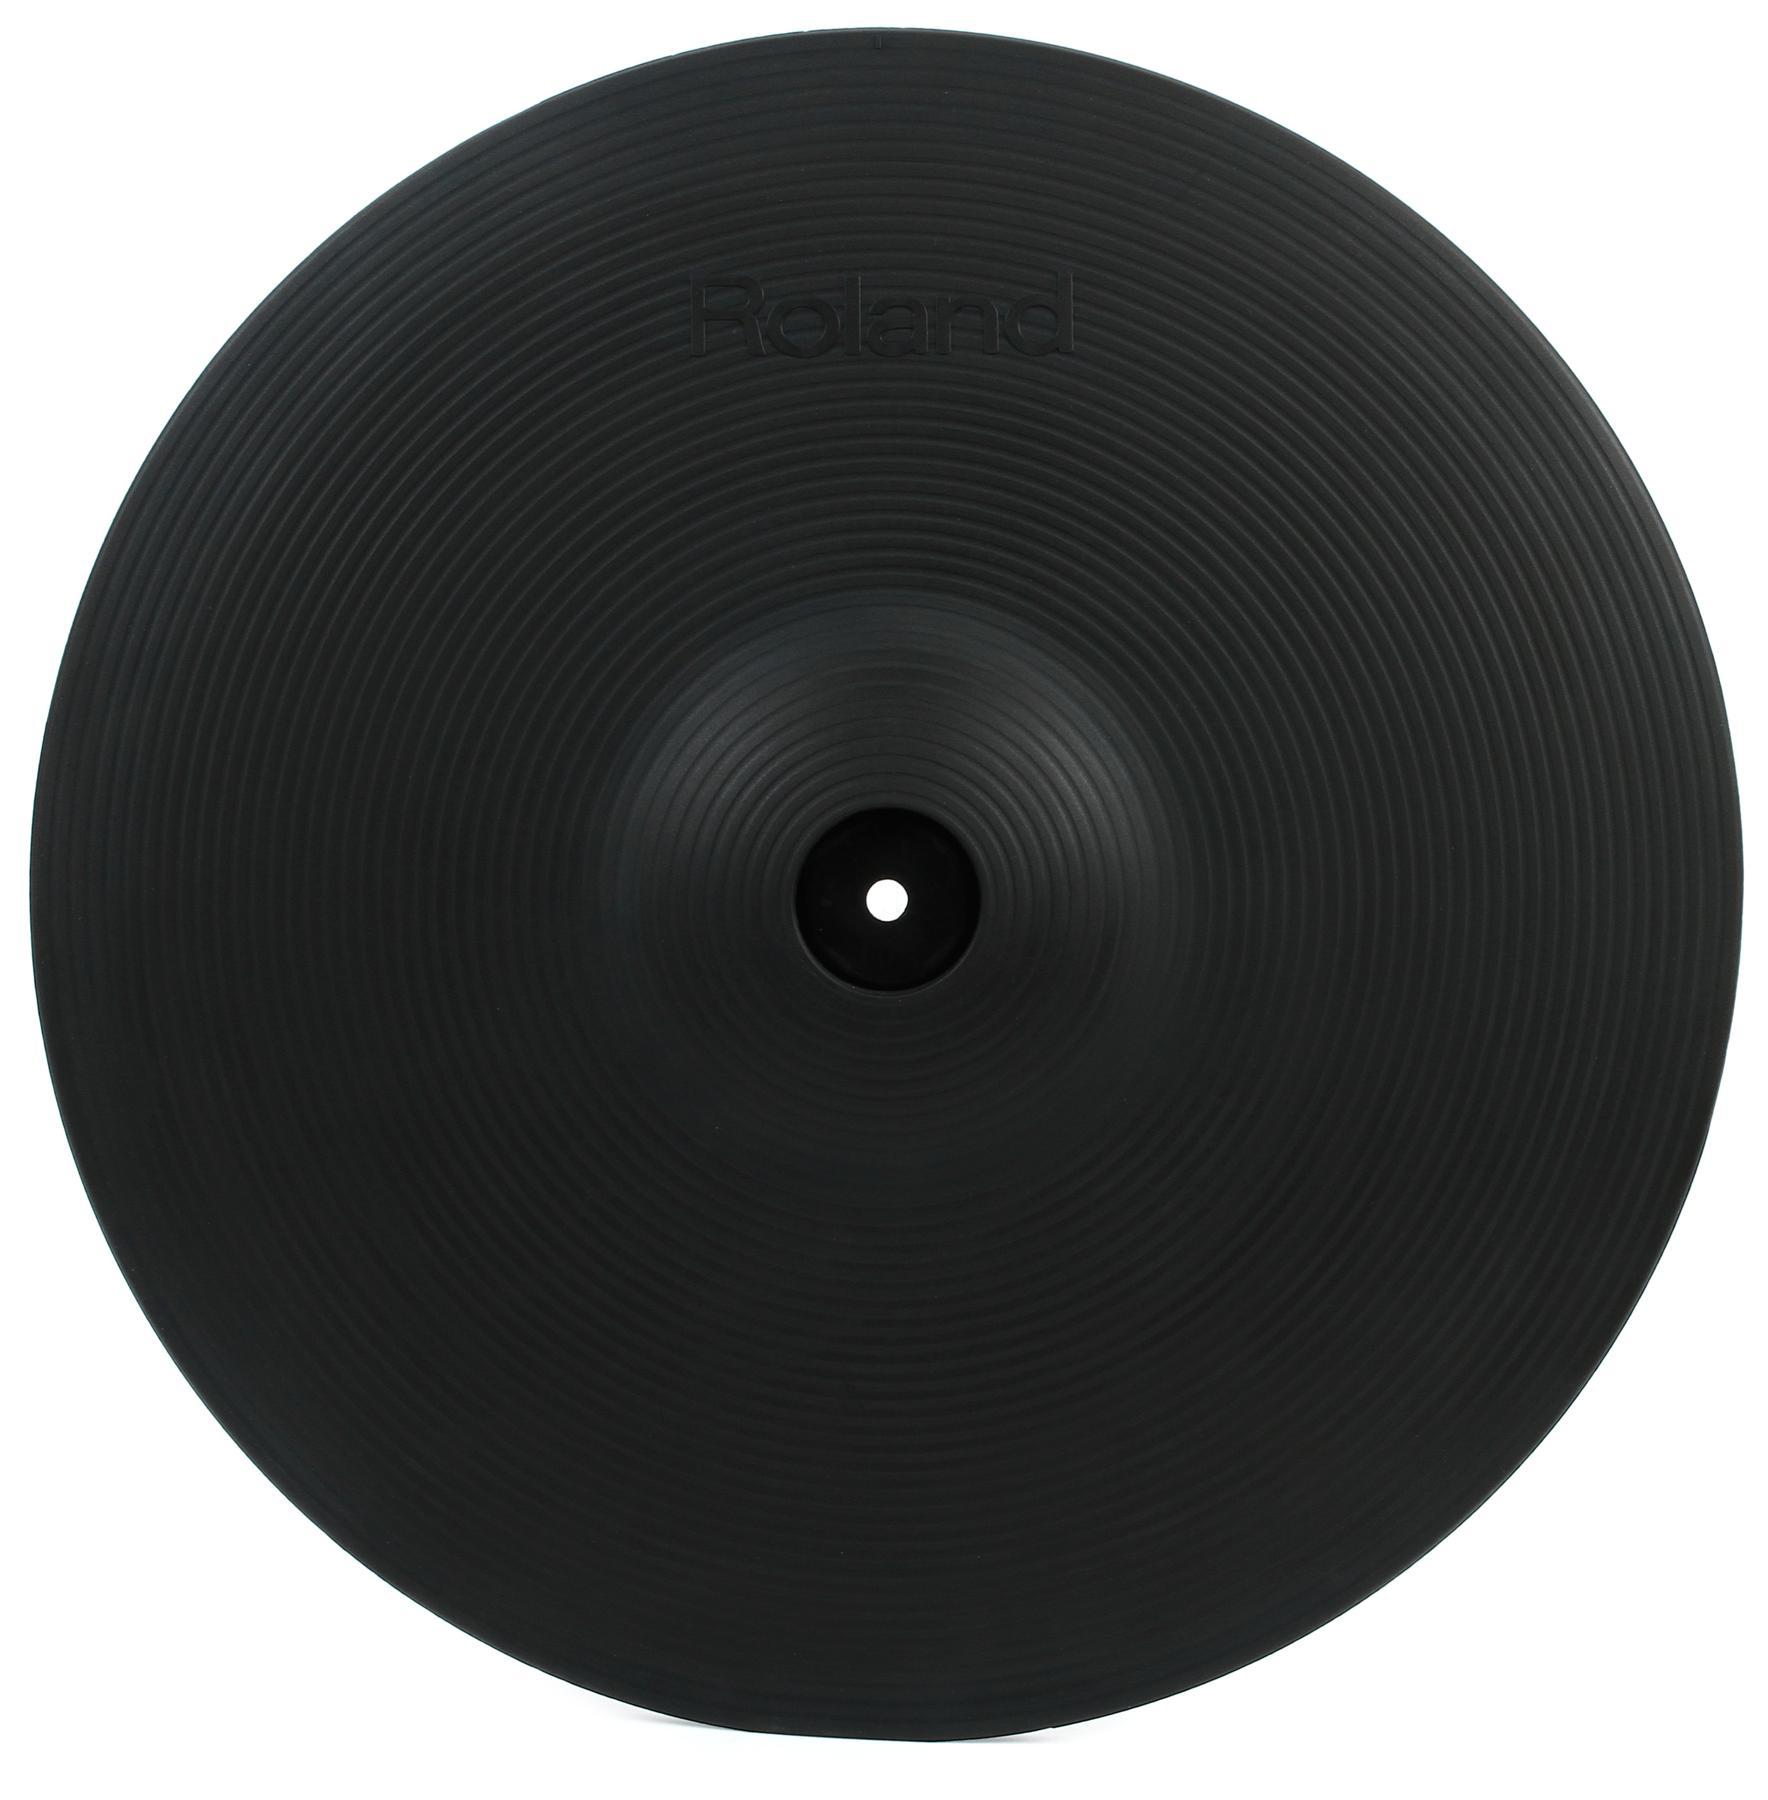 1. Roland CY-15R V-Cymbal